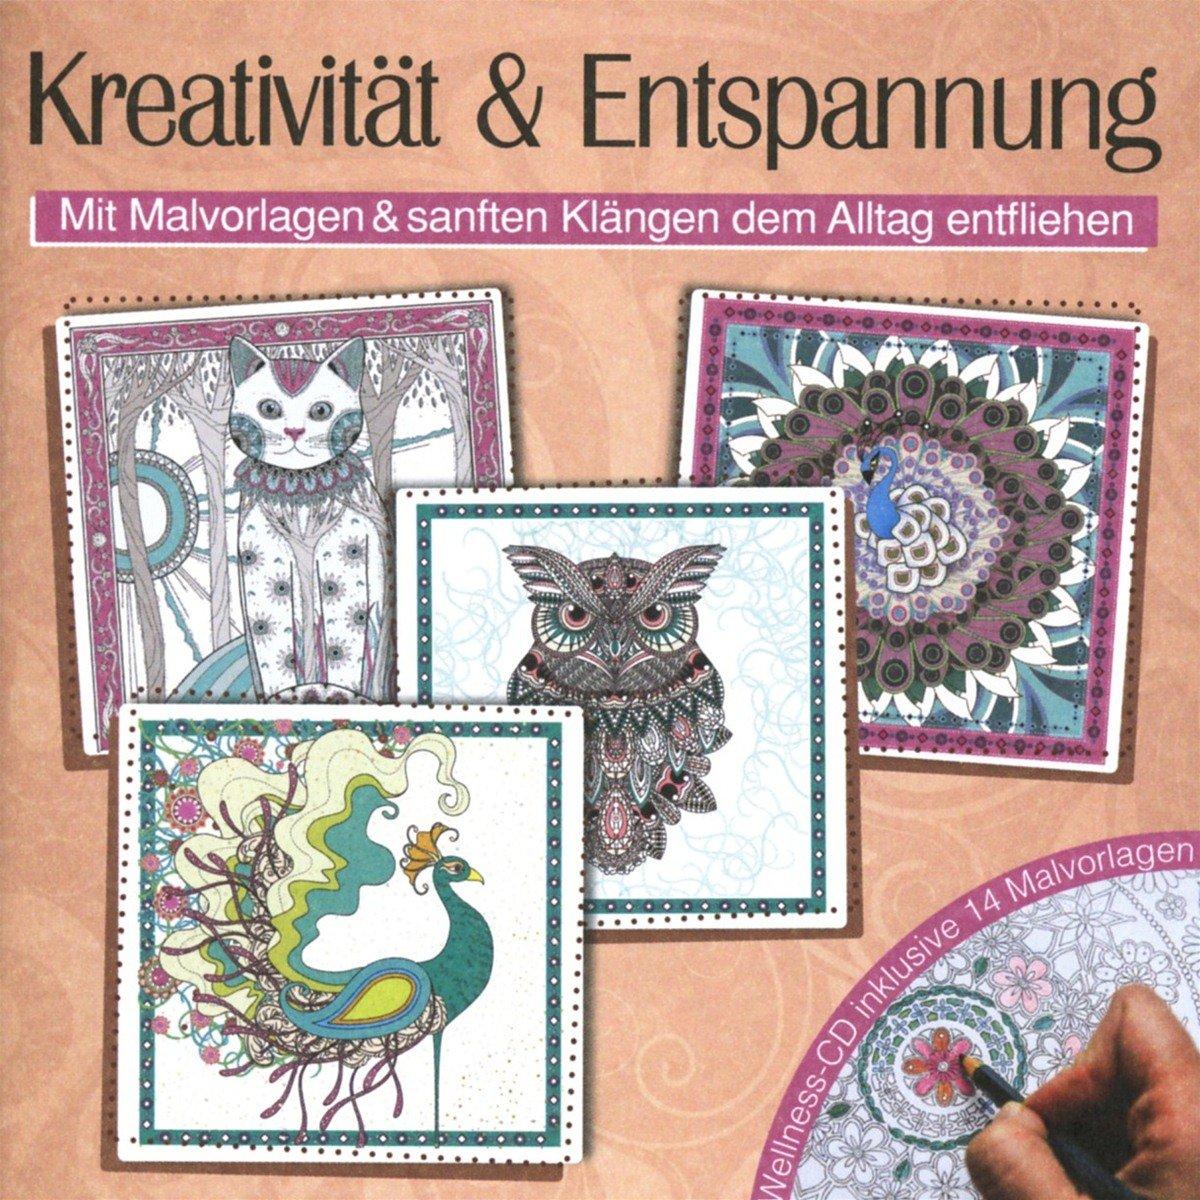 Kreativität & Entspannung-mit Malvorlagen - Various: Amazon.de: Musik